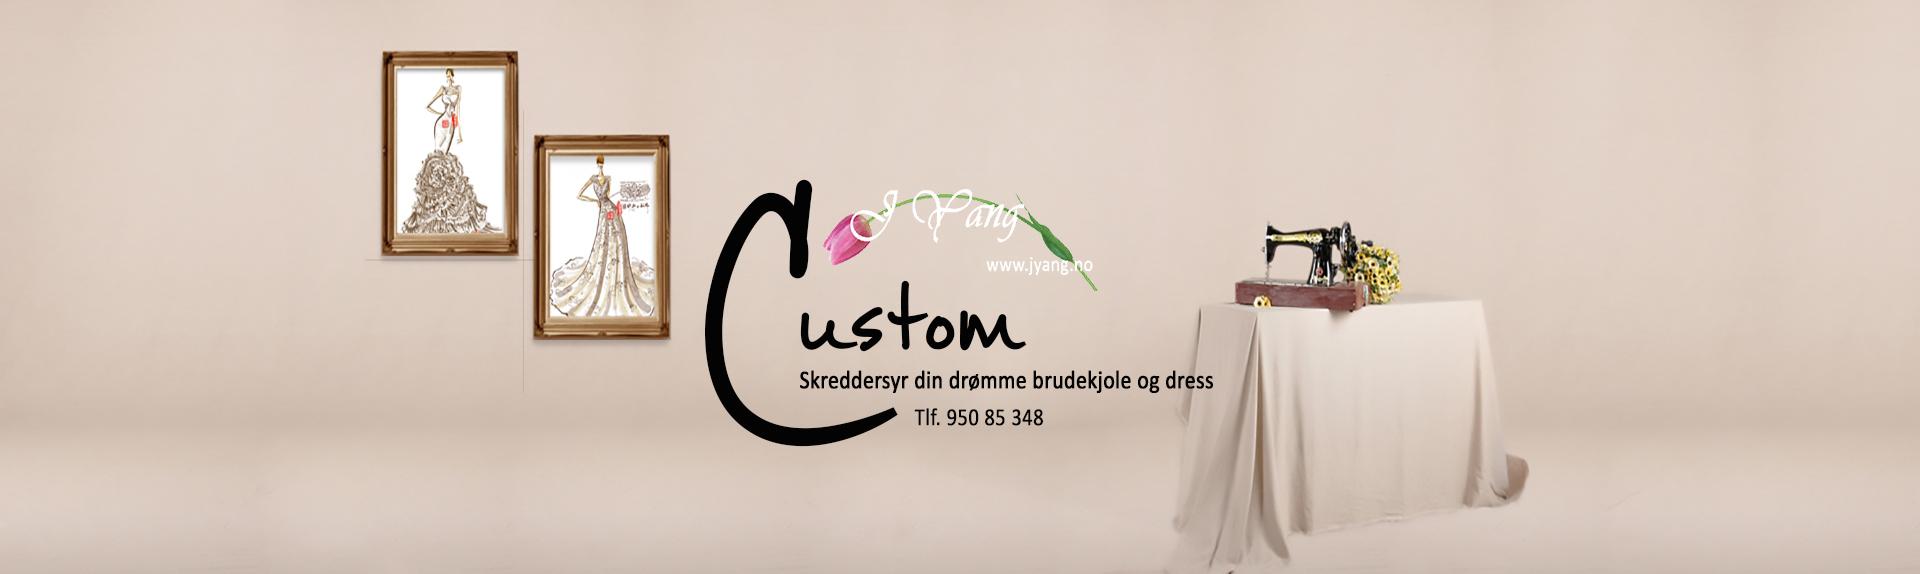 skreddersy brudekjole og dress j Yang skredder Lie Kjeldsen